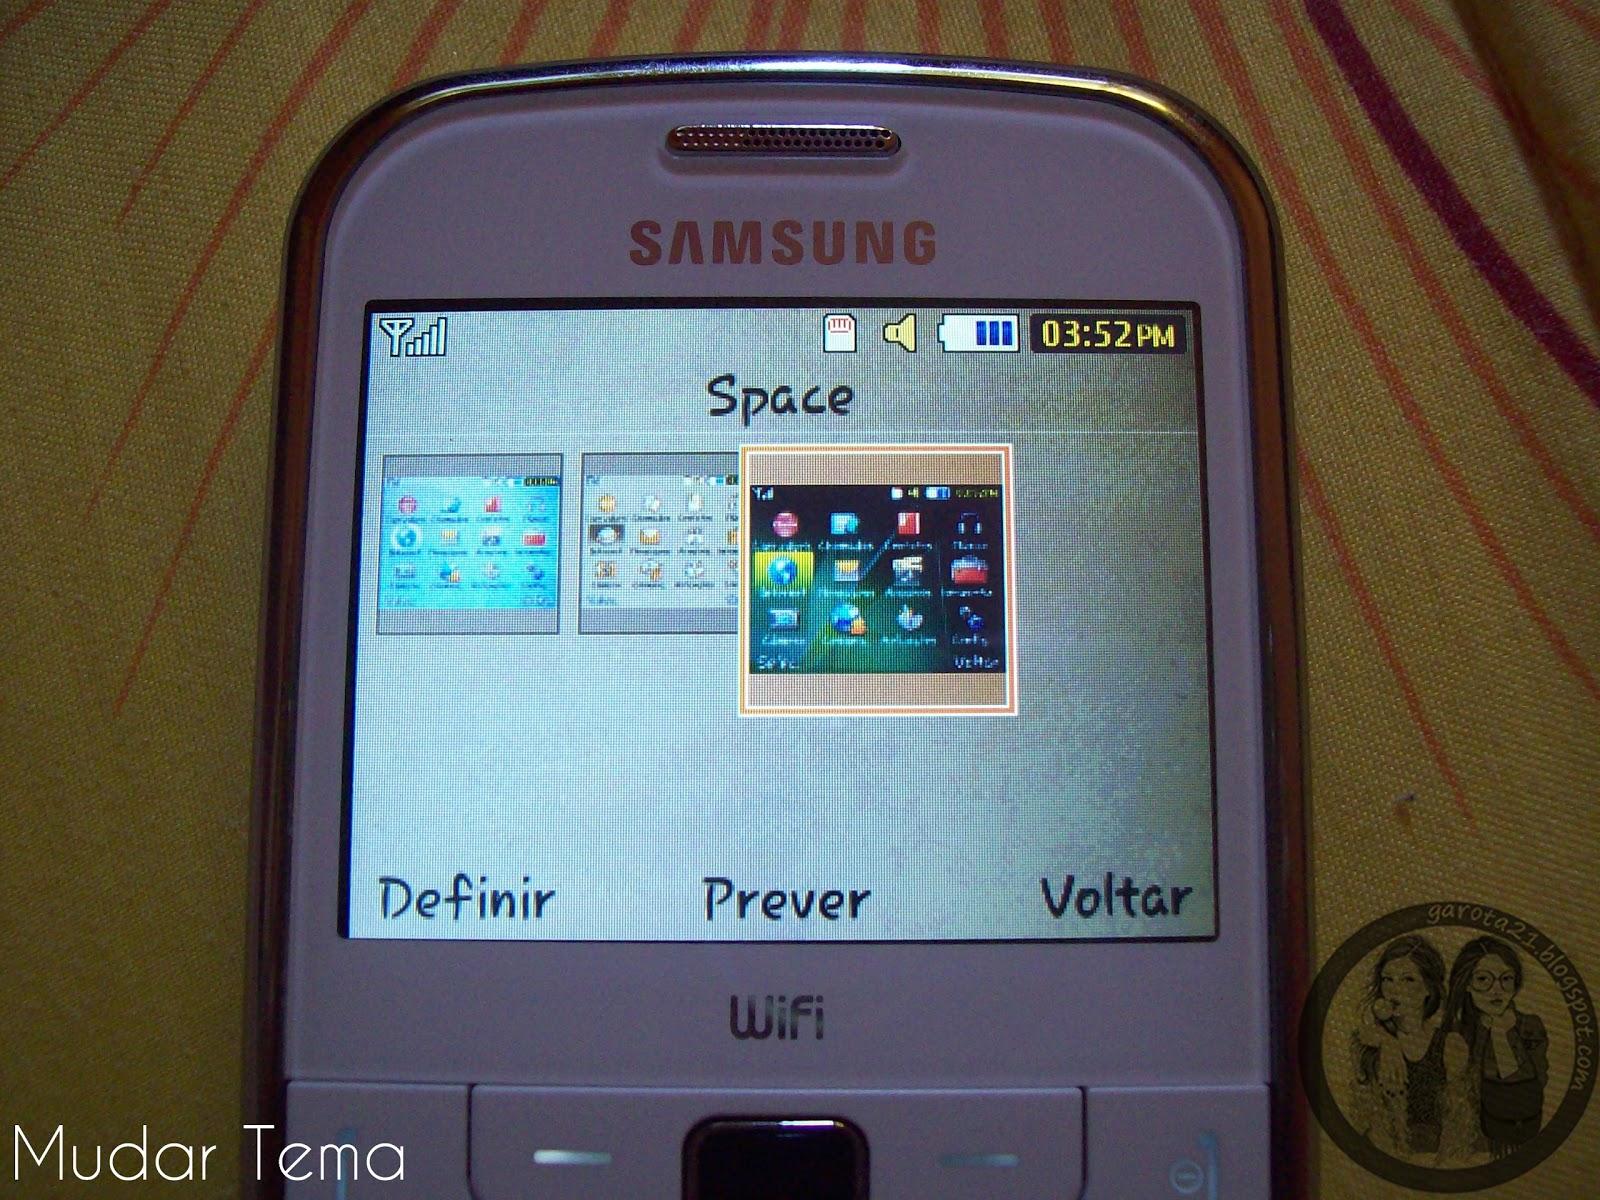 Baixe agora mesmo os papéis de parede do Samsung  - imagens para celular da samsung